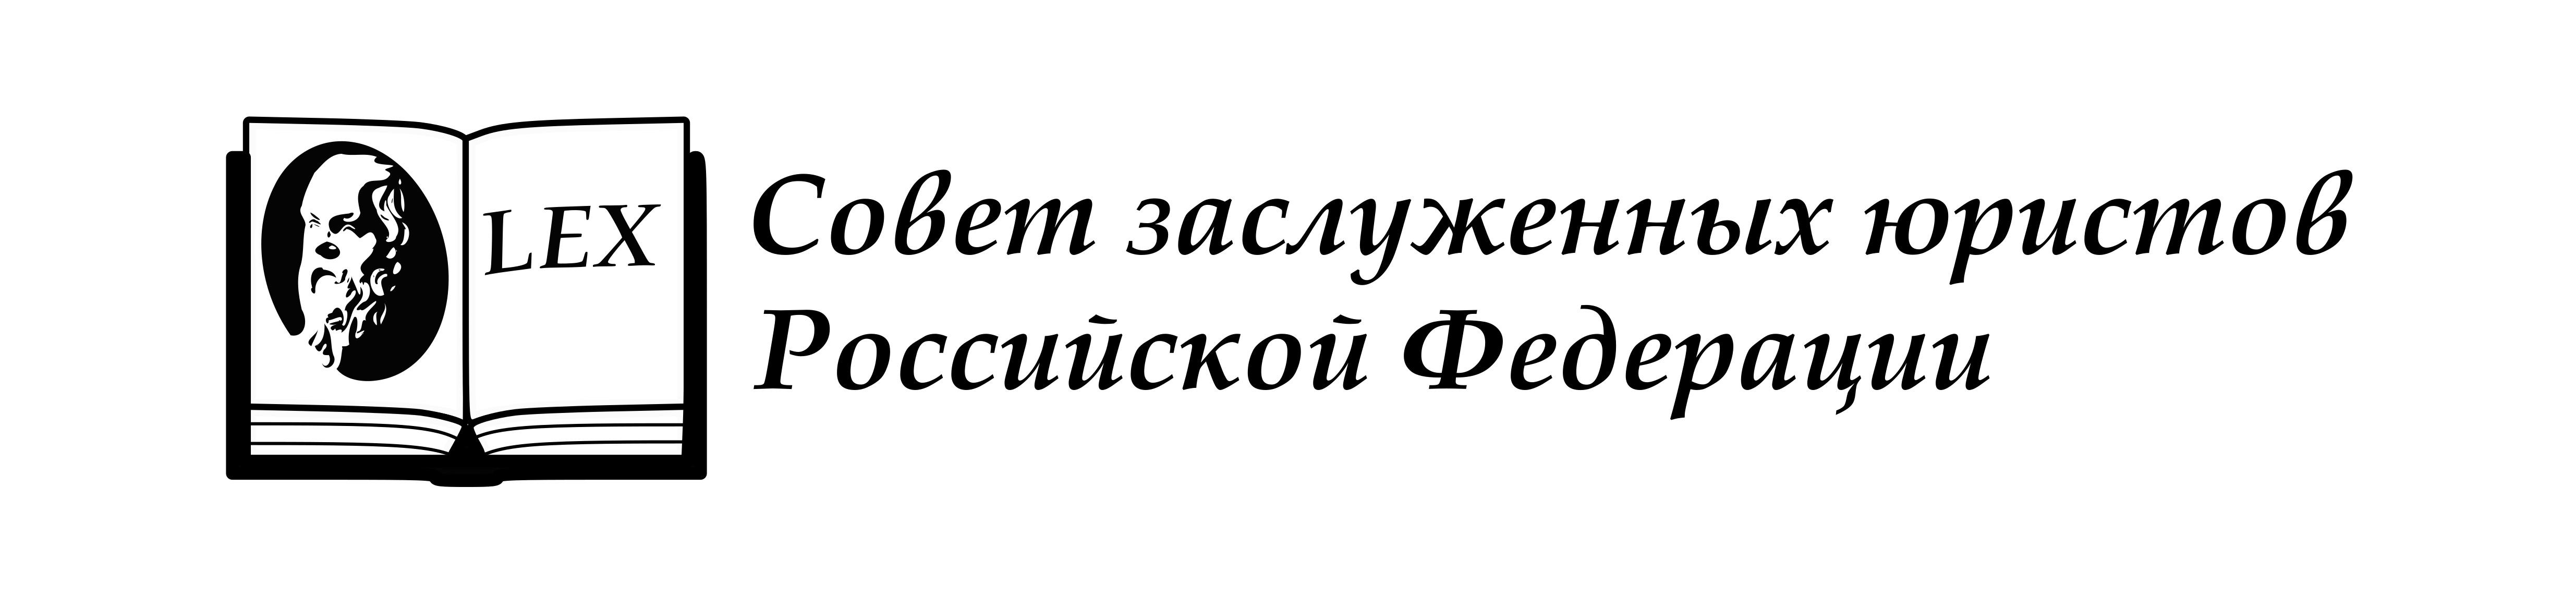 Разработка логотипа Совета (Клуба) заслуженных юристов Российской Федерации фото f_8965e3d194ba3d69.jpg